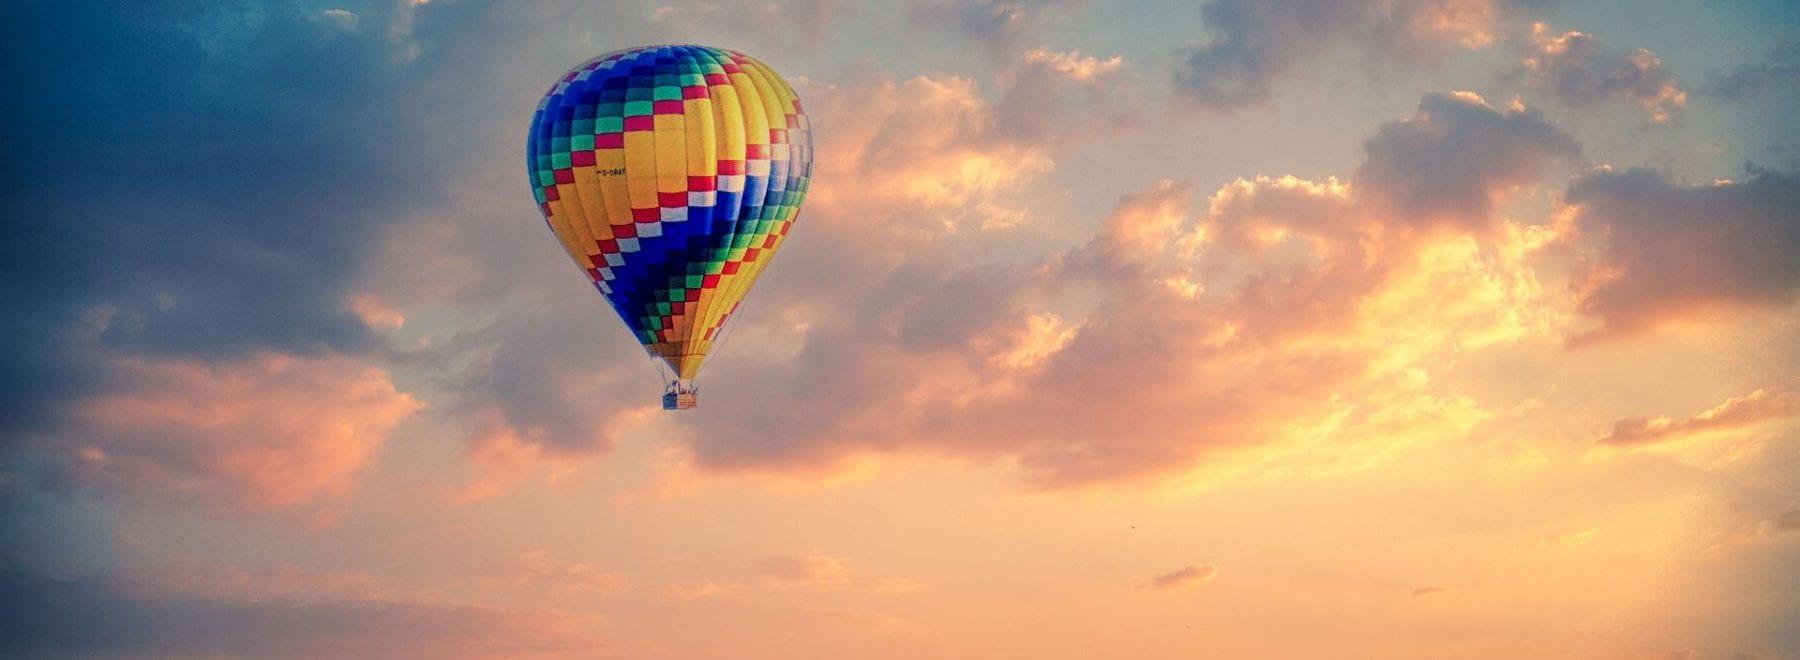 Hot air balloon in the air during sunrise